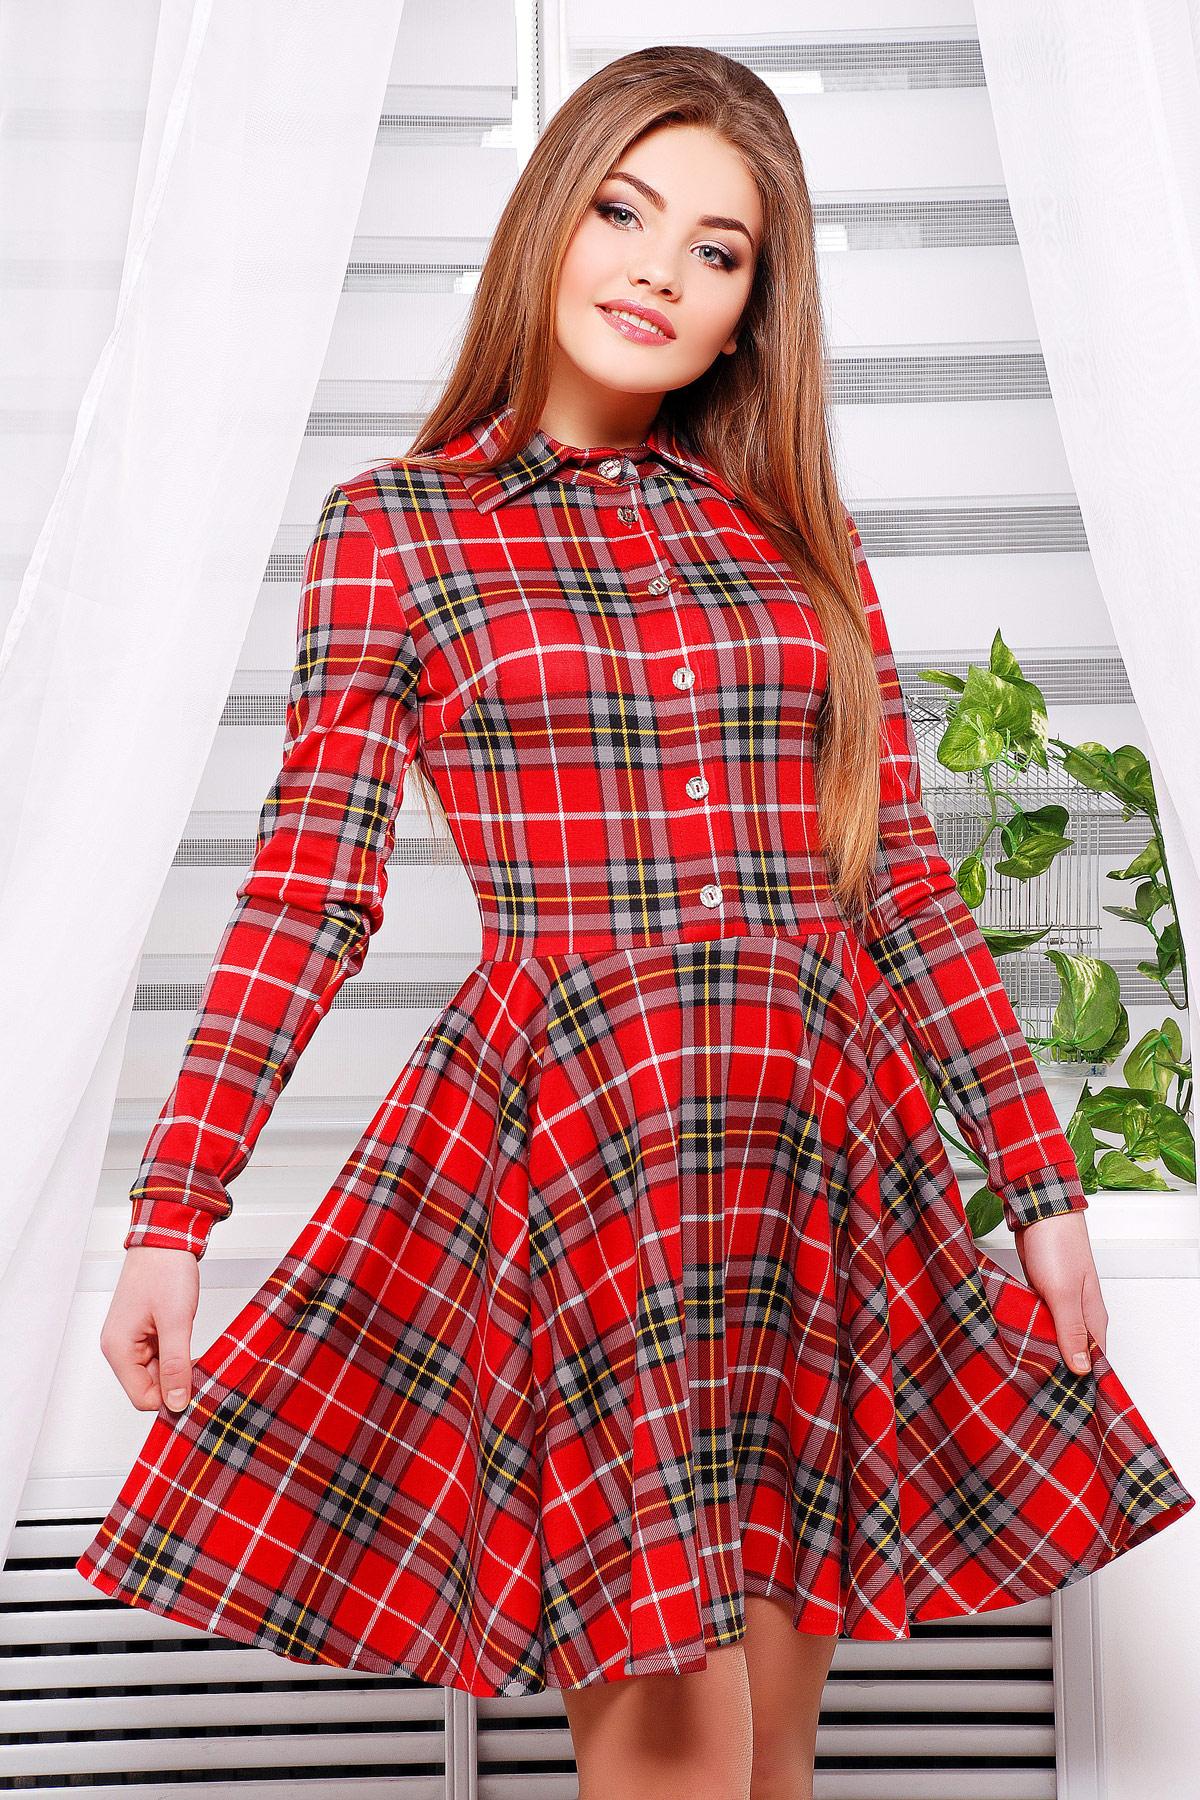 b0b52d2ea6b Платье Рамона2 д р. Цвет  красный-серая клетка - купить оптом и в ...